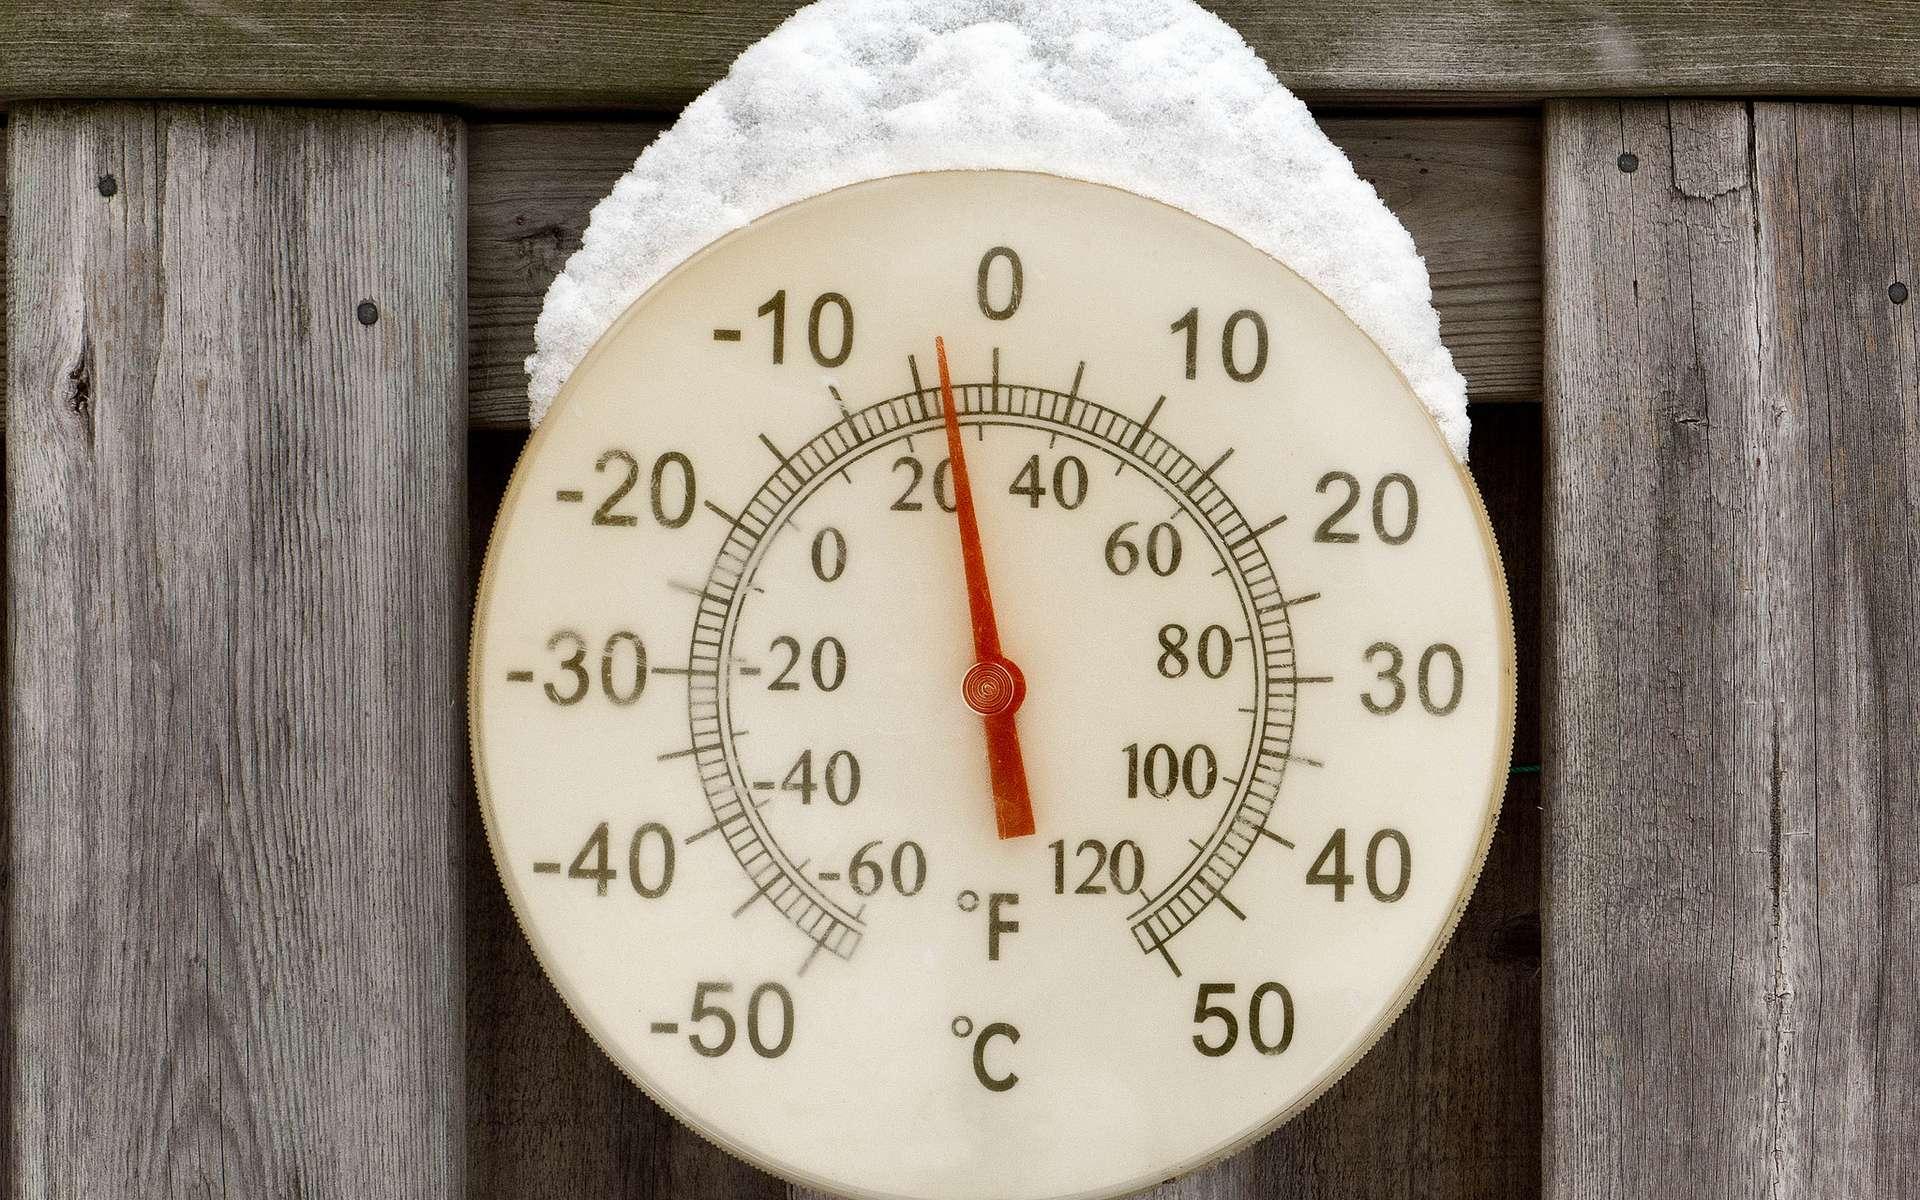 Degrés Celsius et degrés Fahrenheit sont utilisés pour indiquer la température dans la vie de tous les jours, contrairement au kelvin. © Joe deSousa, Flickr, DP